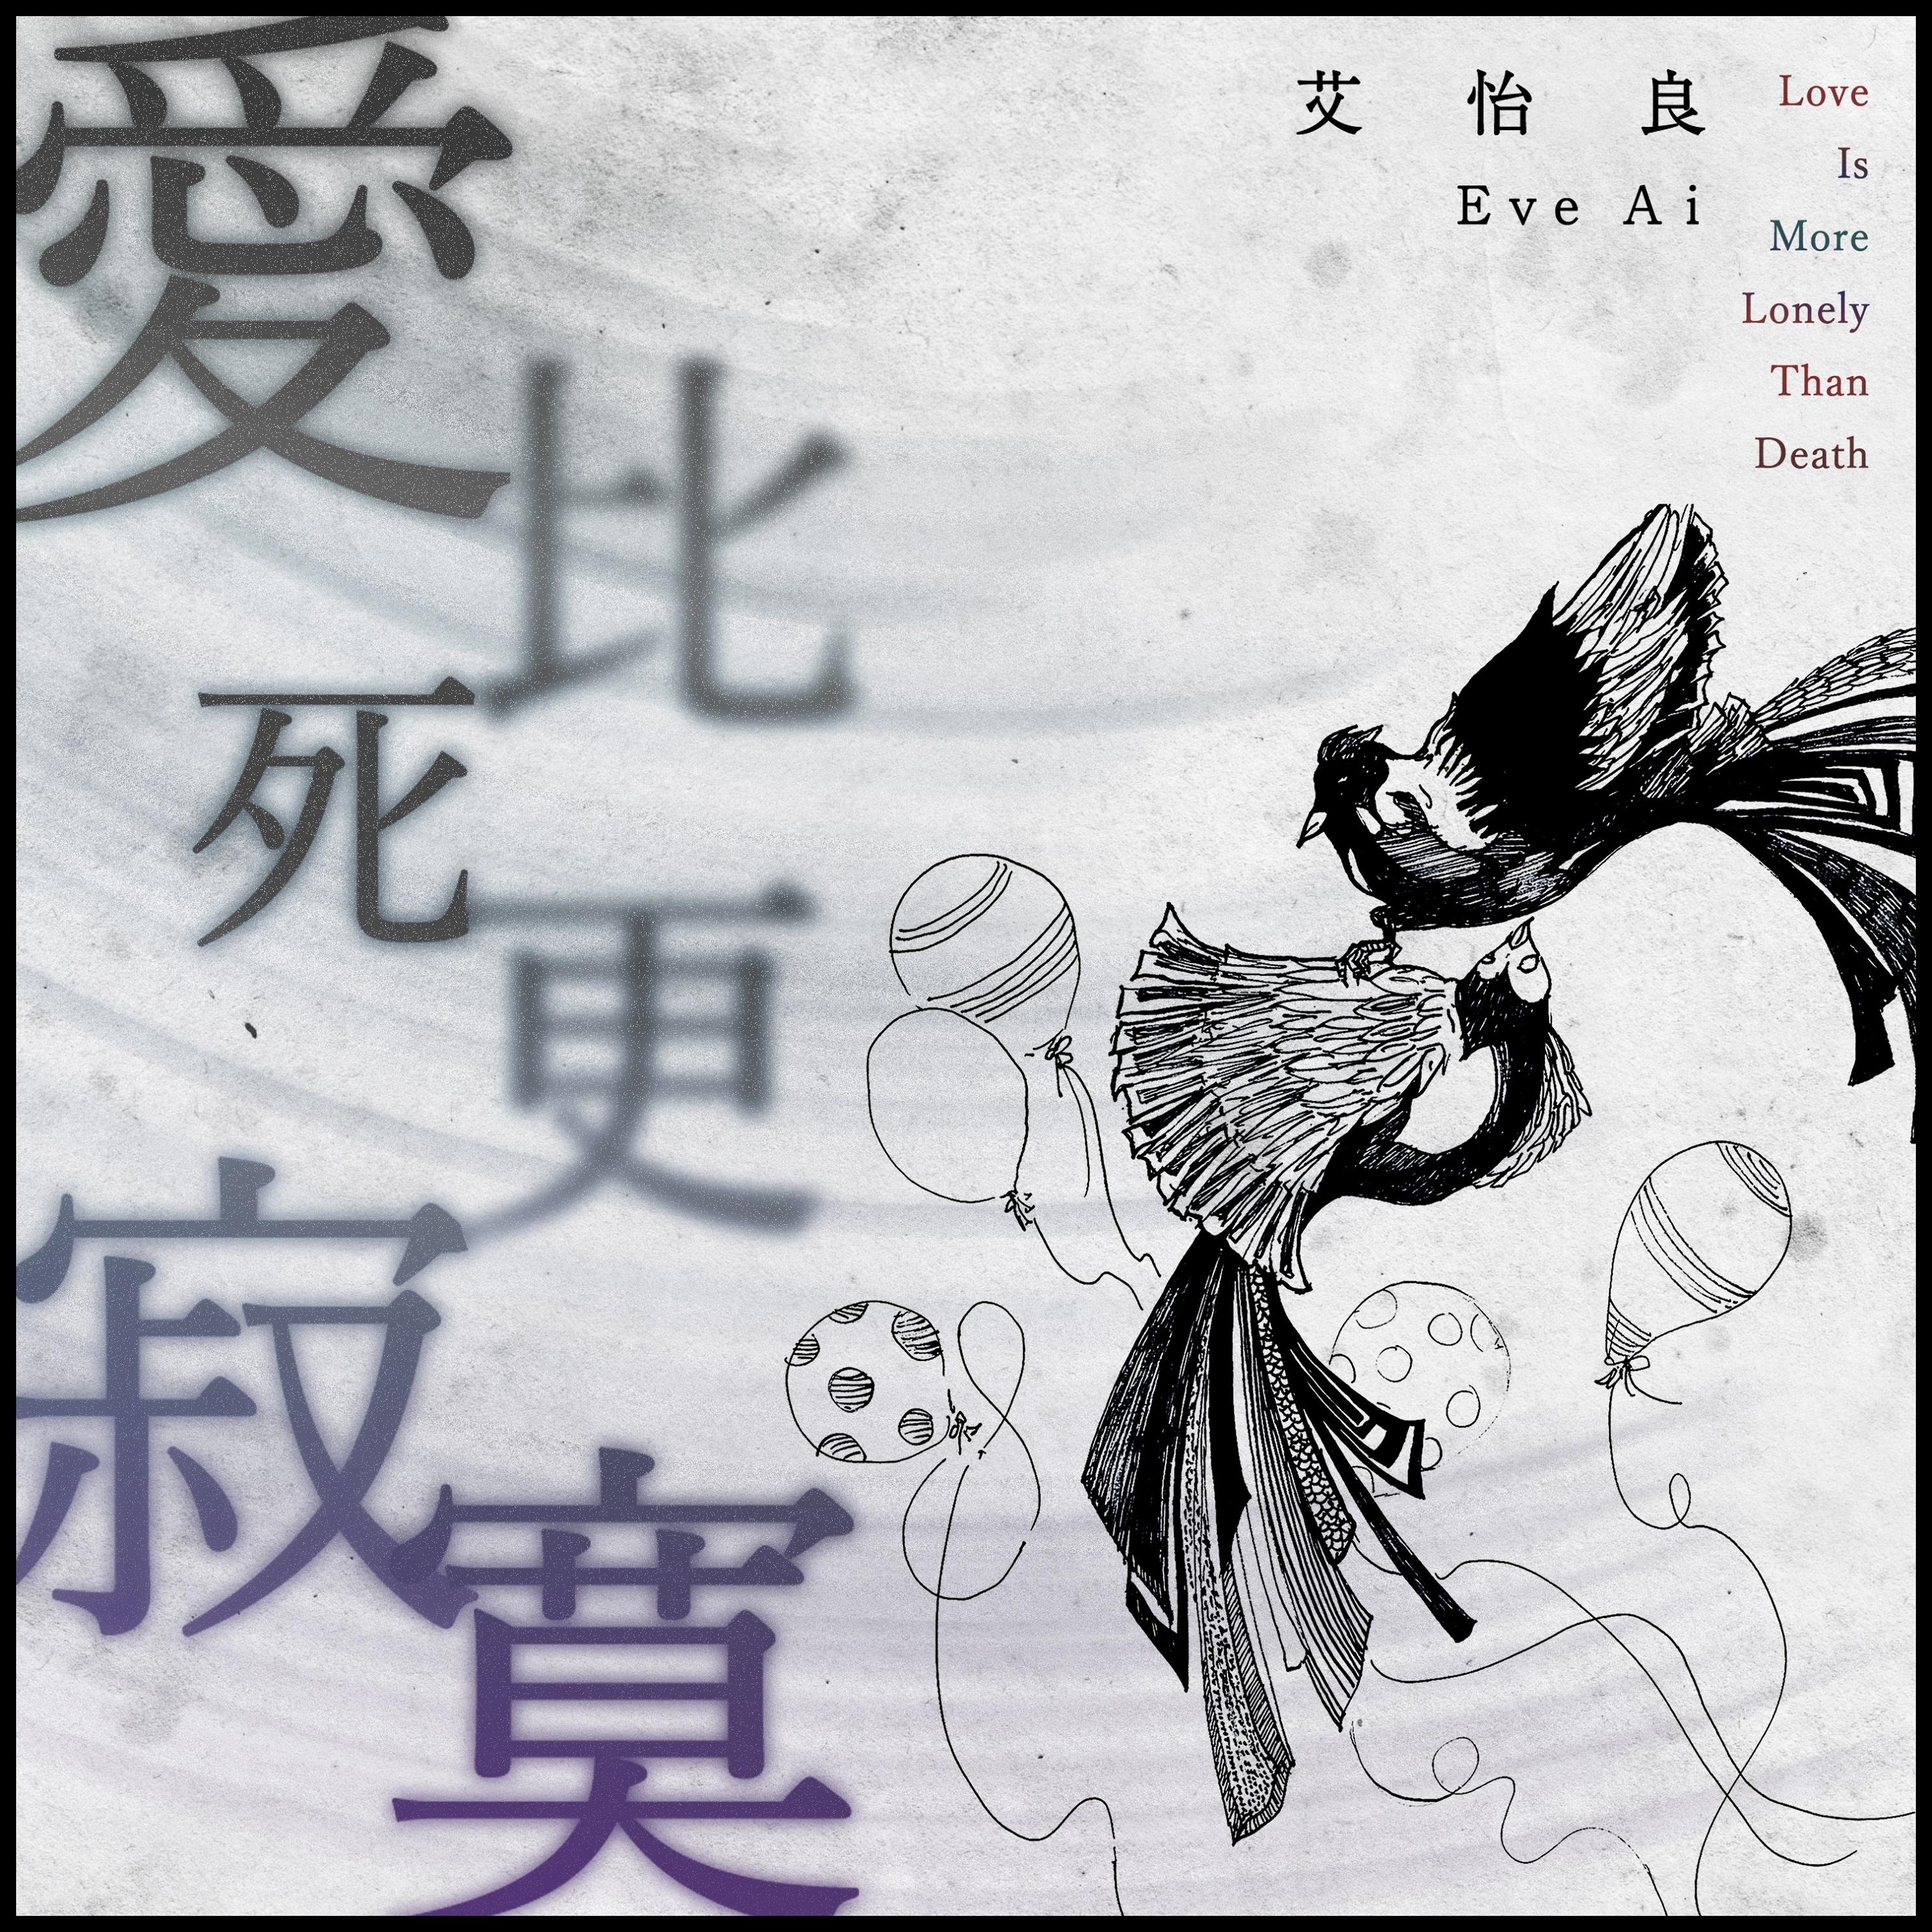 艾怡良献唱人生第一首电影主题曲《爱比死更寂寞》